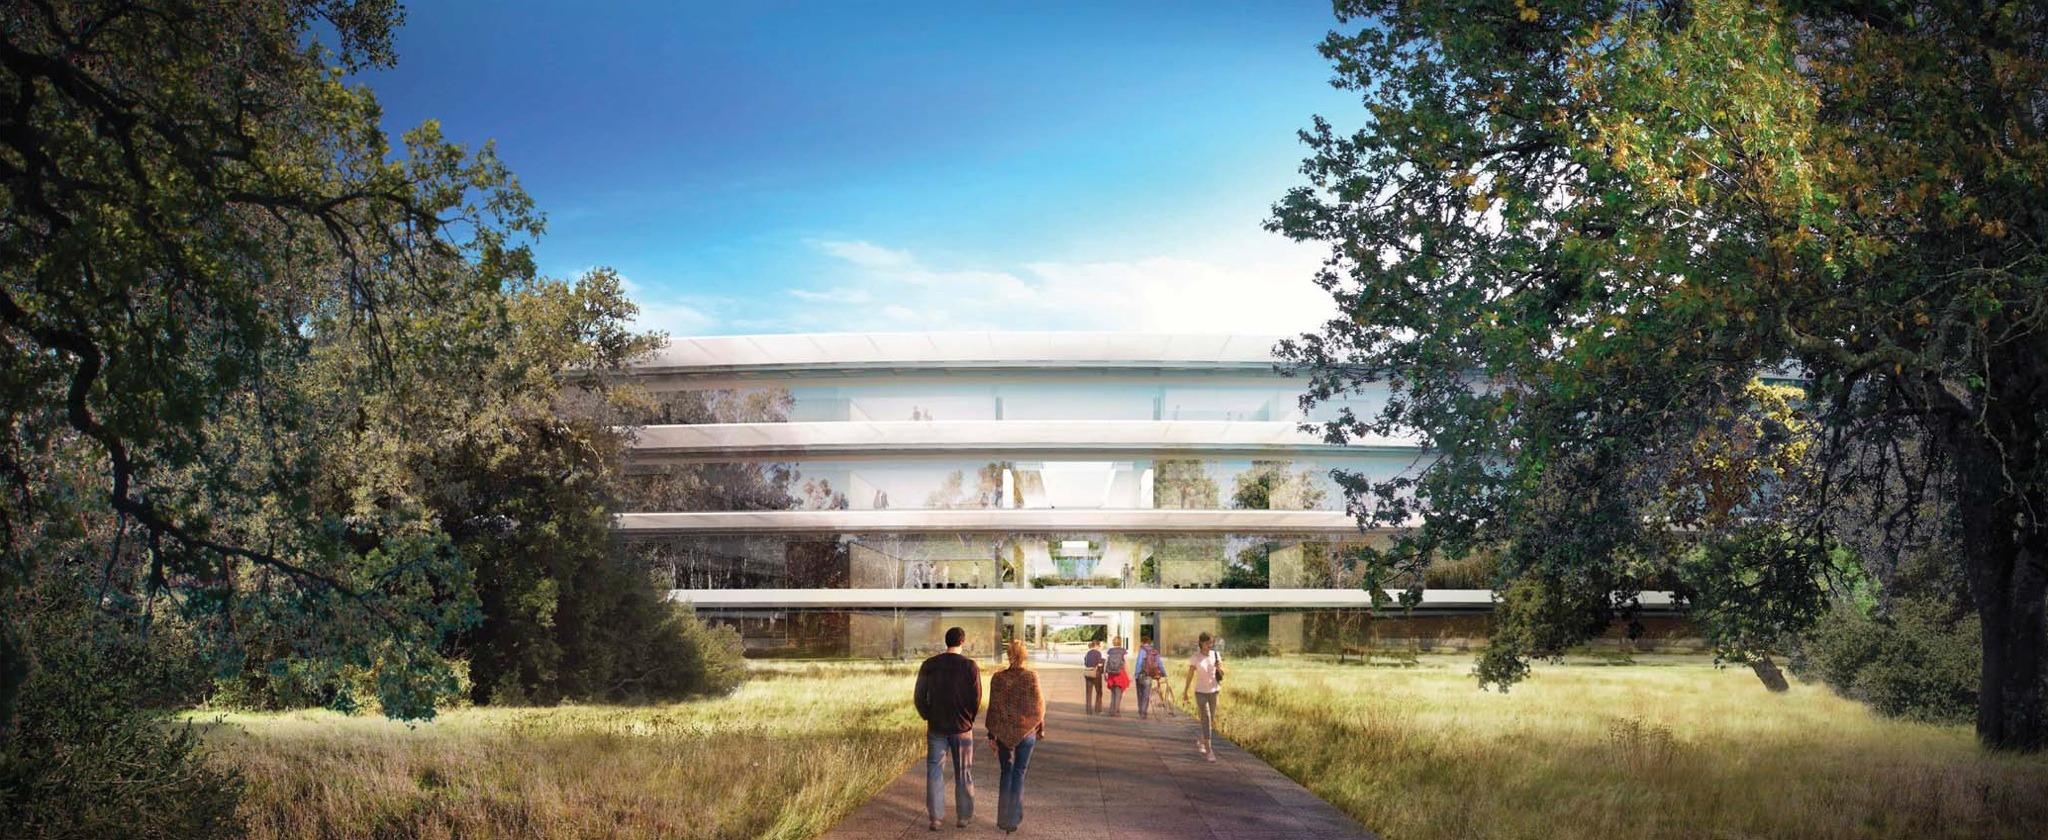 Apple-Campus-2-Rendering-005-Retina-optimized